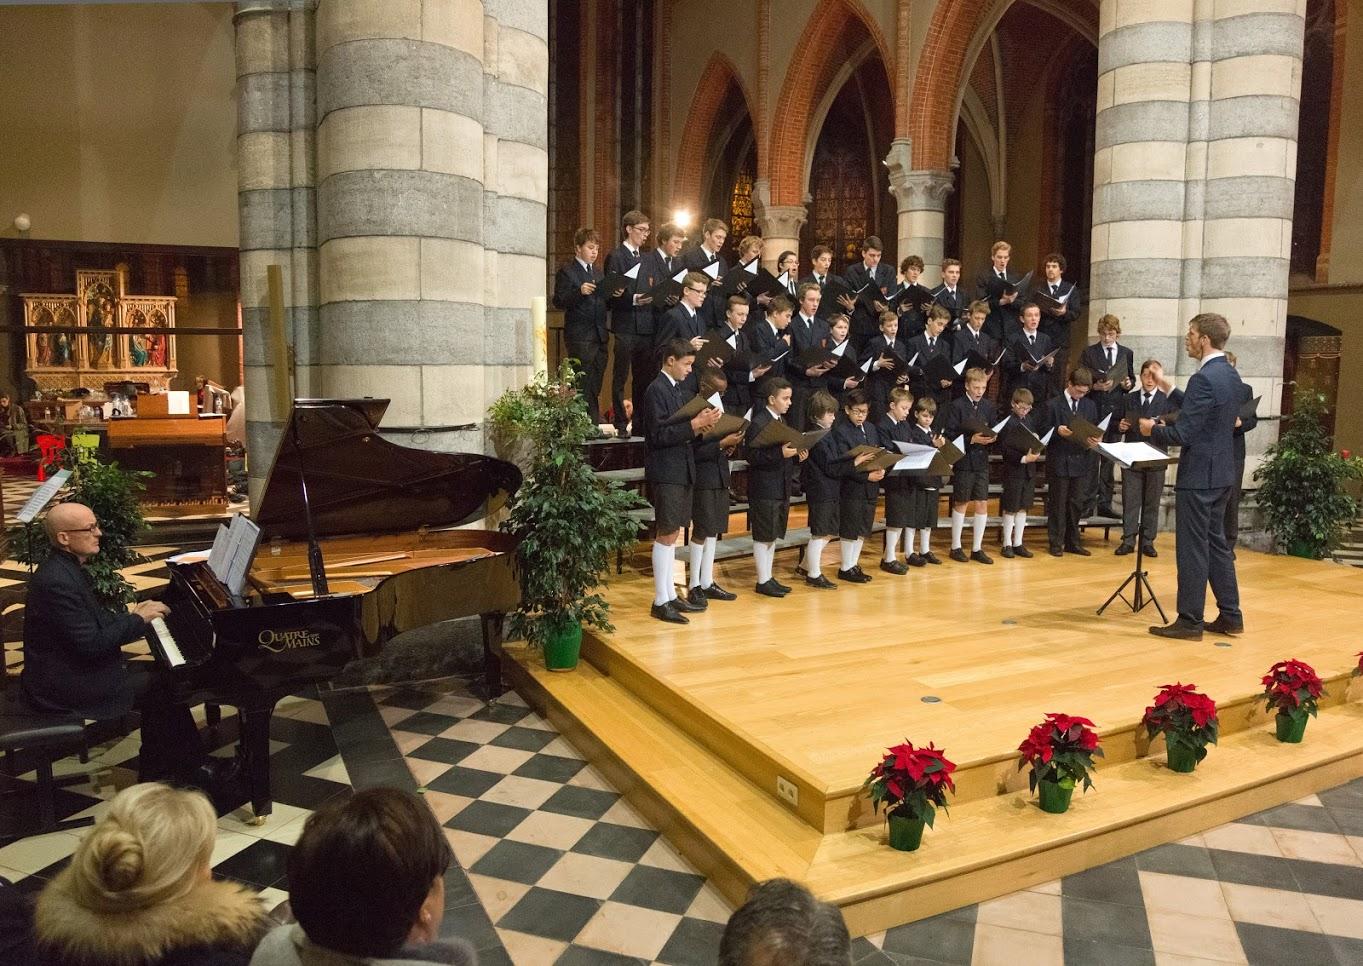 Jubelconcert te Gent t.g.v. het 50-jarig bestaan van Amade